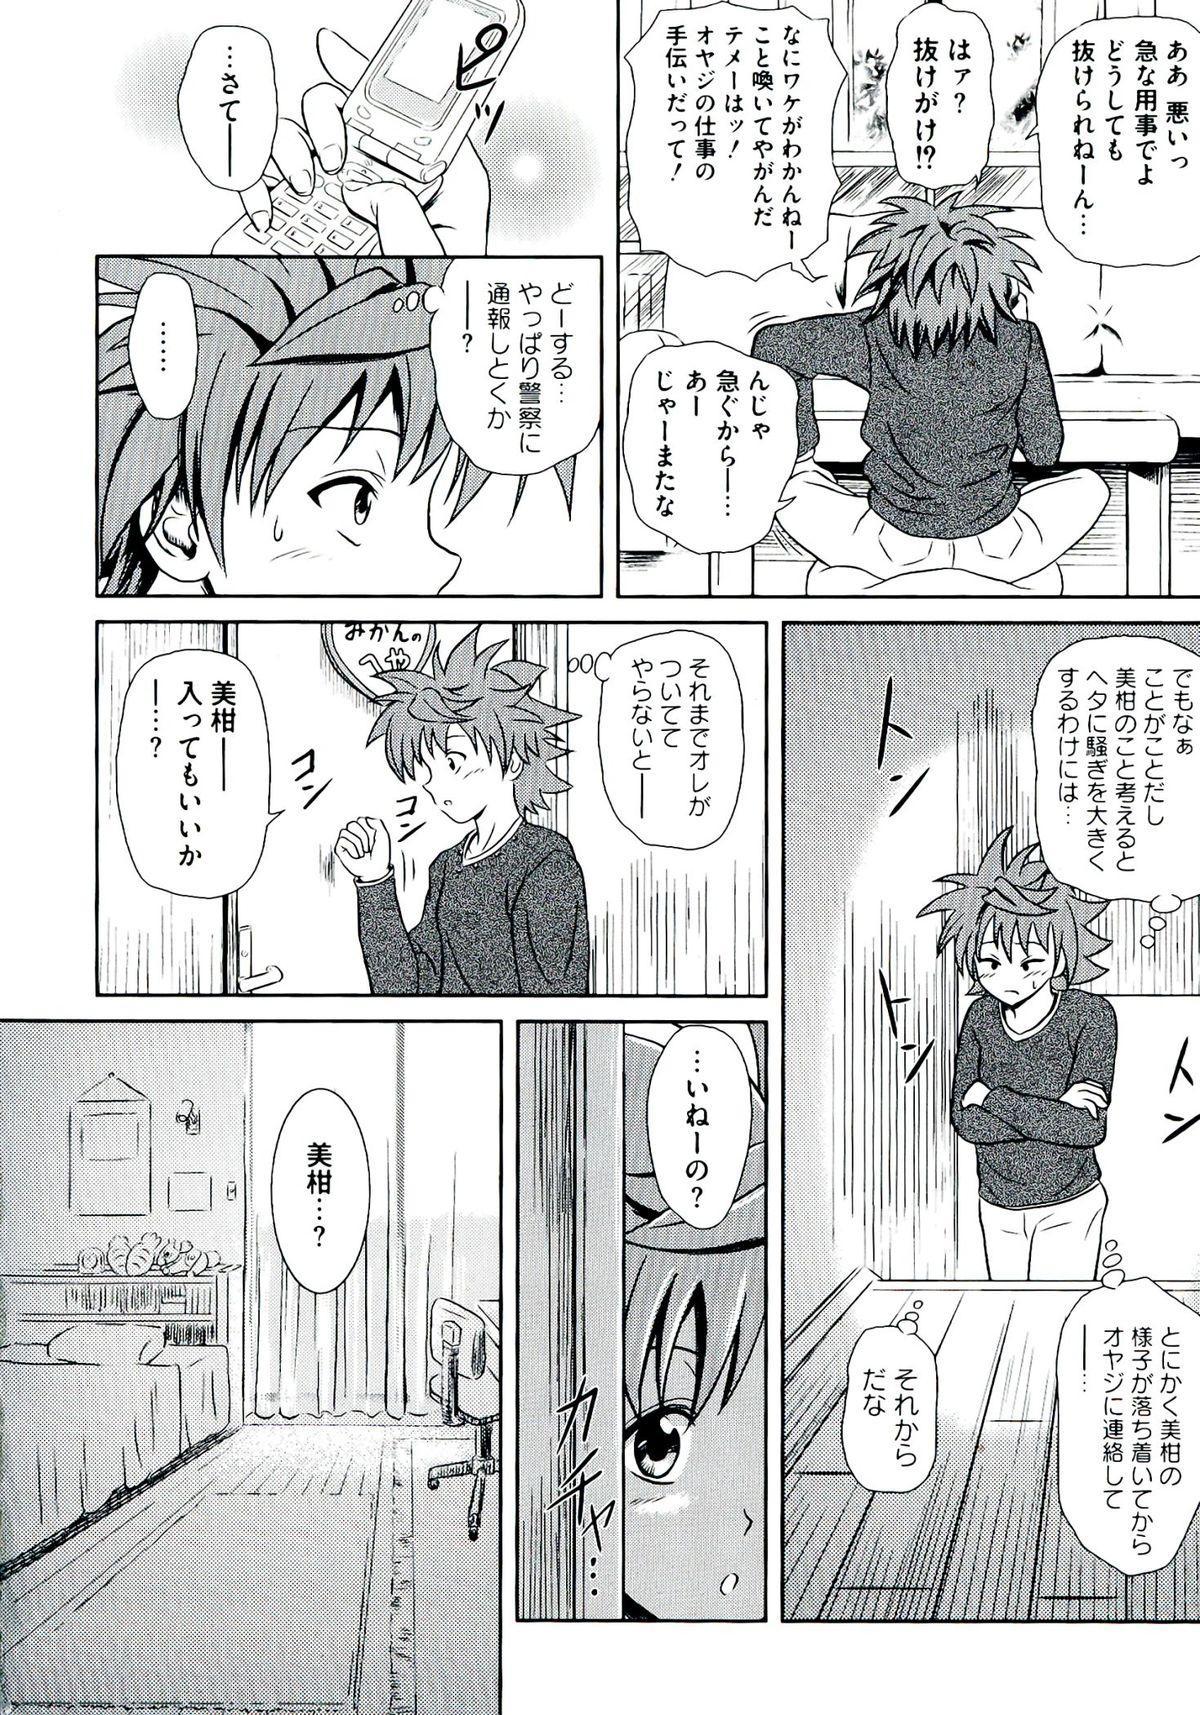 Geki EROVEru DARKNESS 145